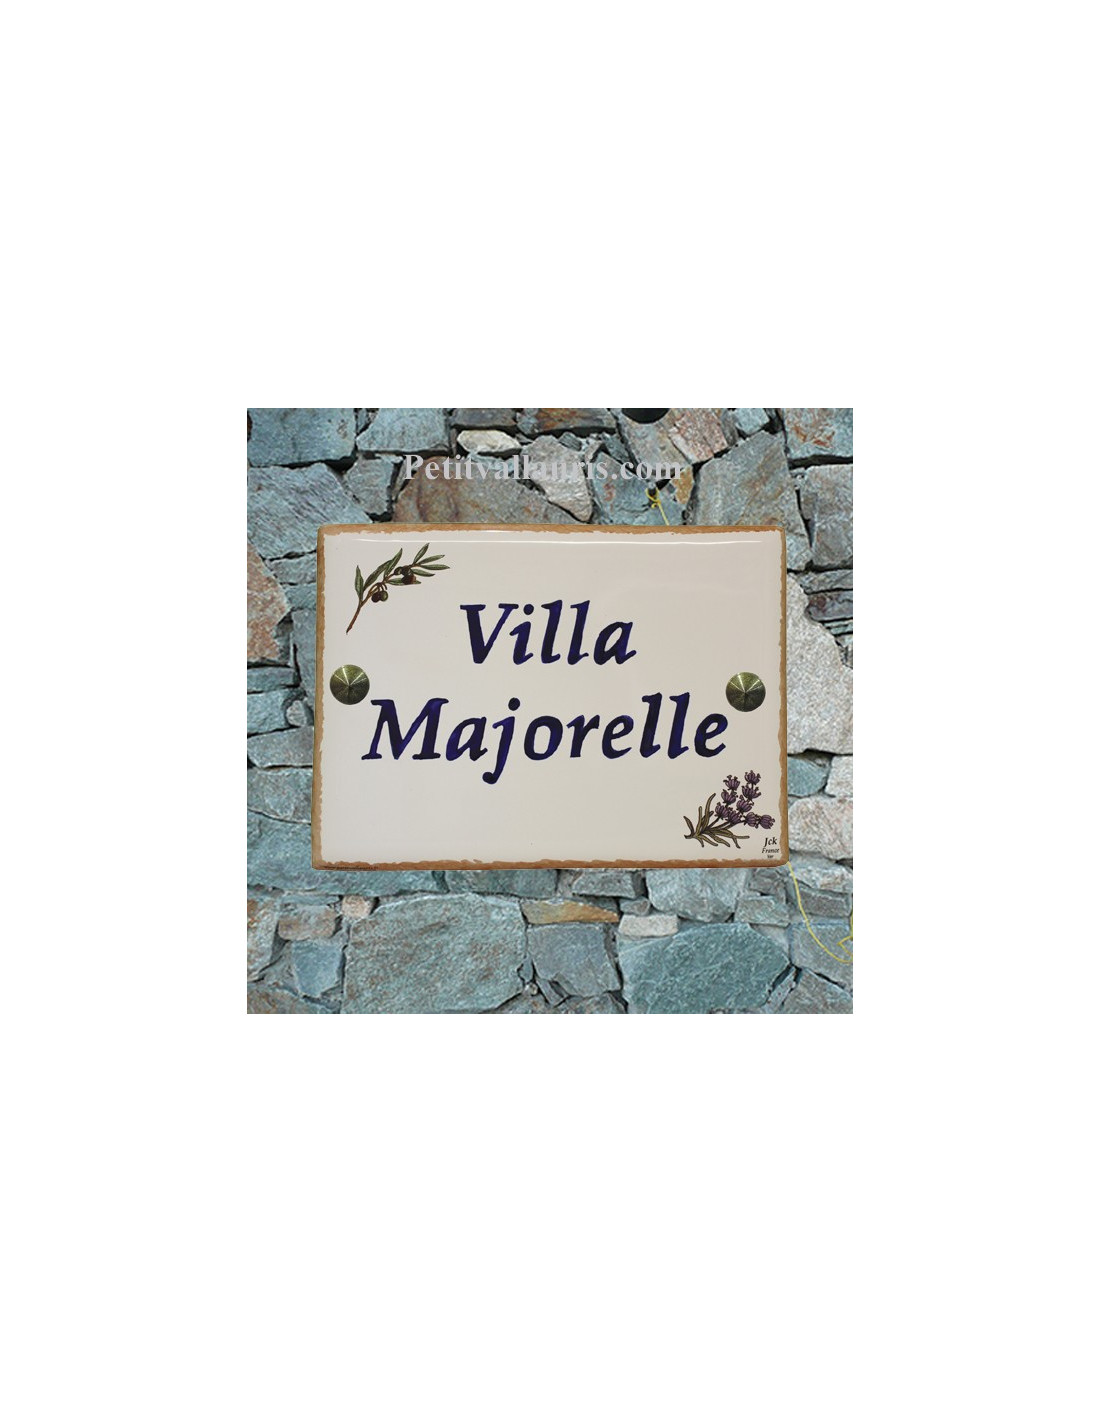 plaque de maison en c ramique d cor brins d 39 olives et de lavandes bord ocre jaune inscription. Black Bedroom Furniture Sets. Home Design Ideas